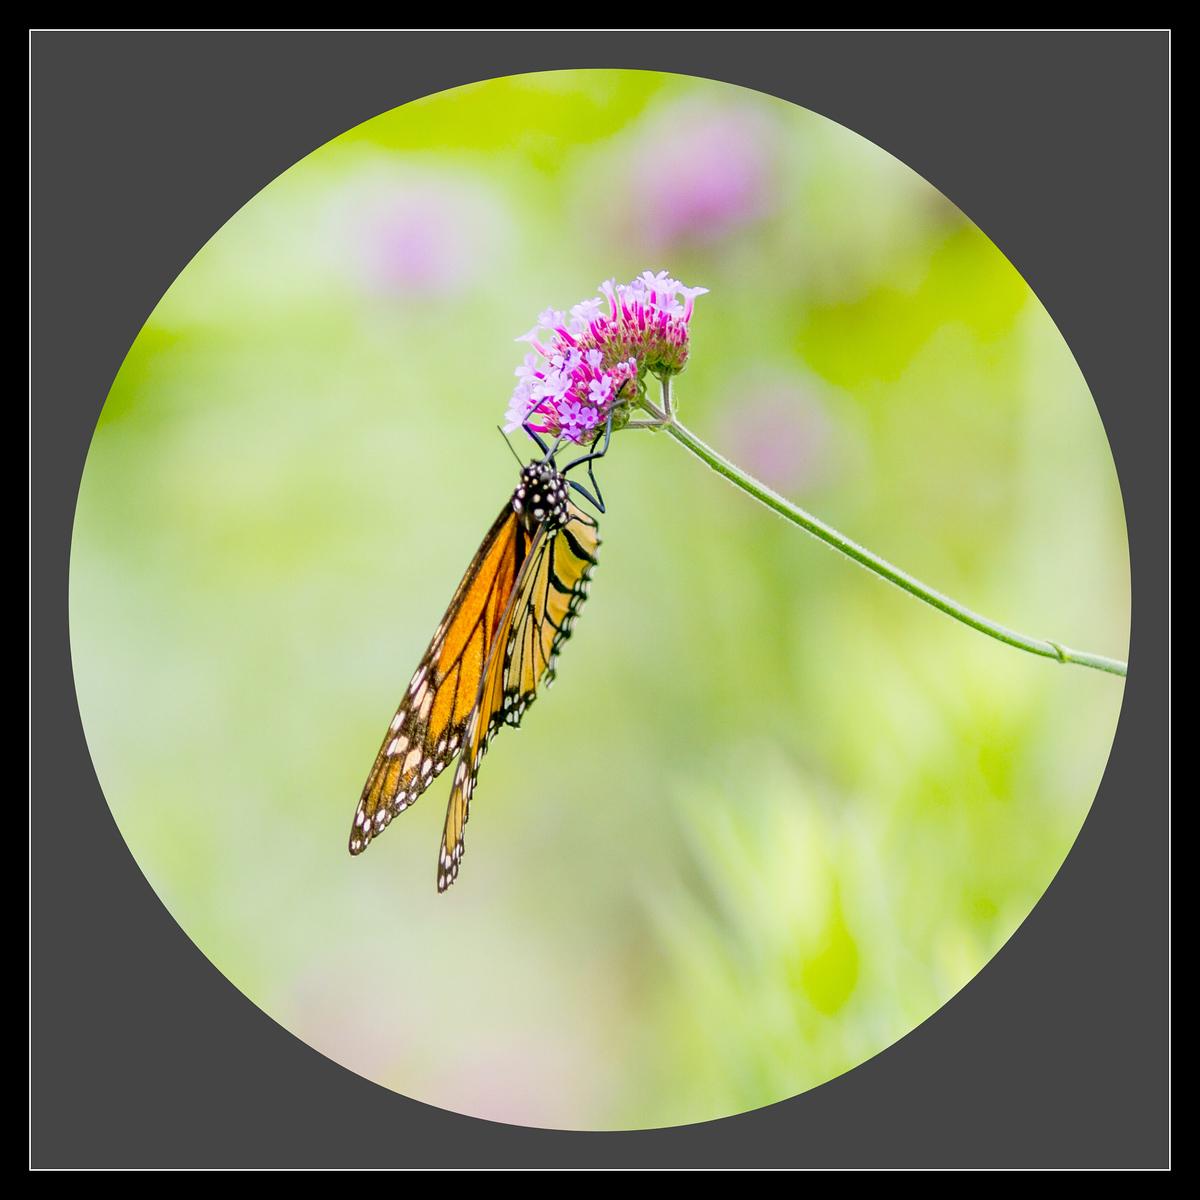 彩蝶花中藏,你中有我,我中有你